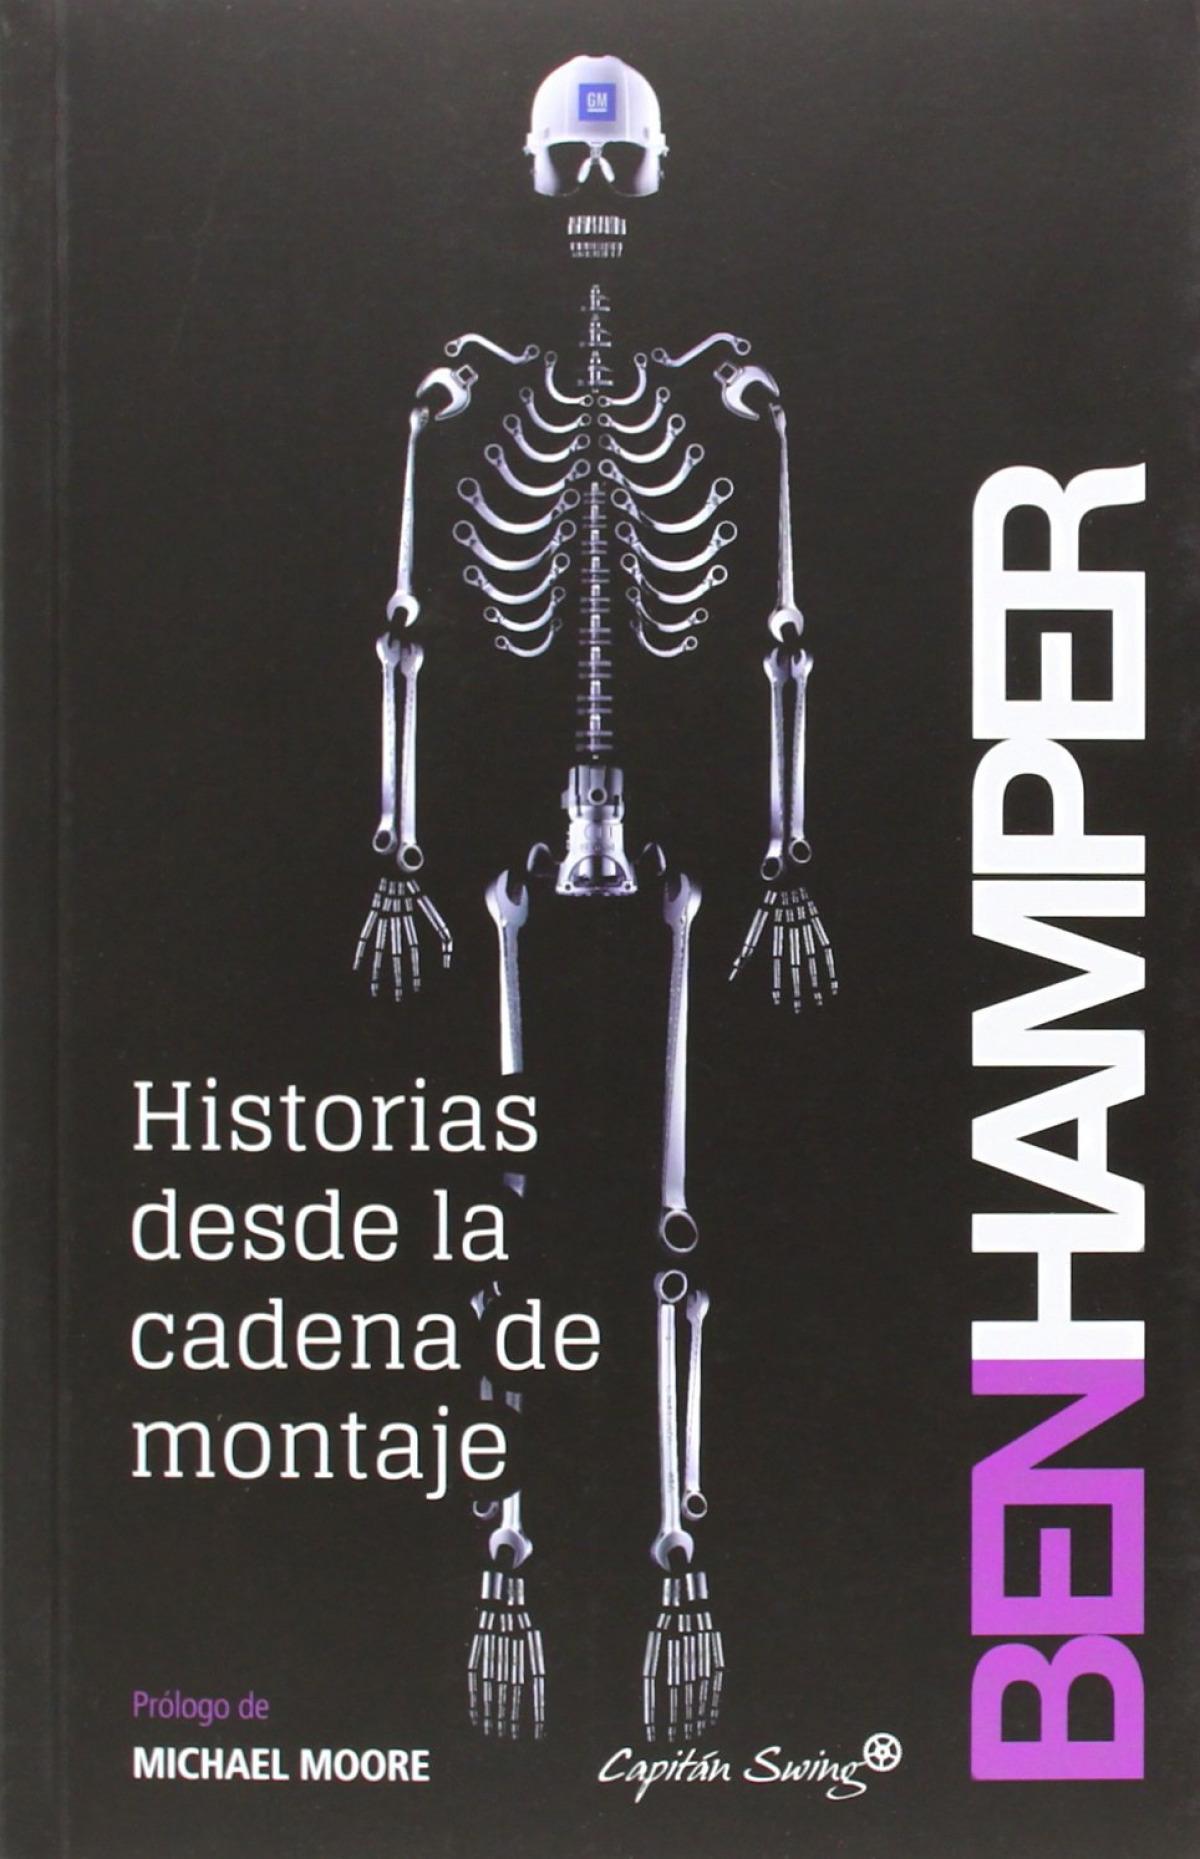 HISTORIAS DESDE LA CADENA DE MONTAJE 9788494221347